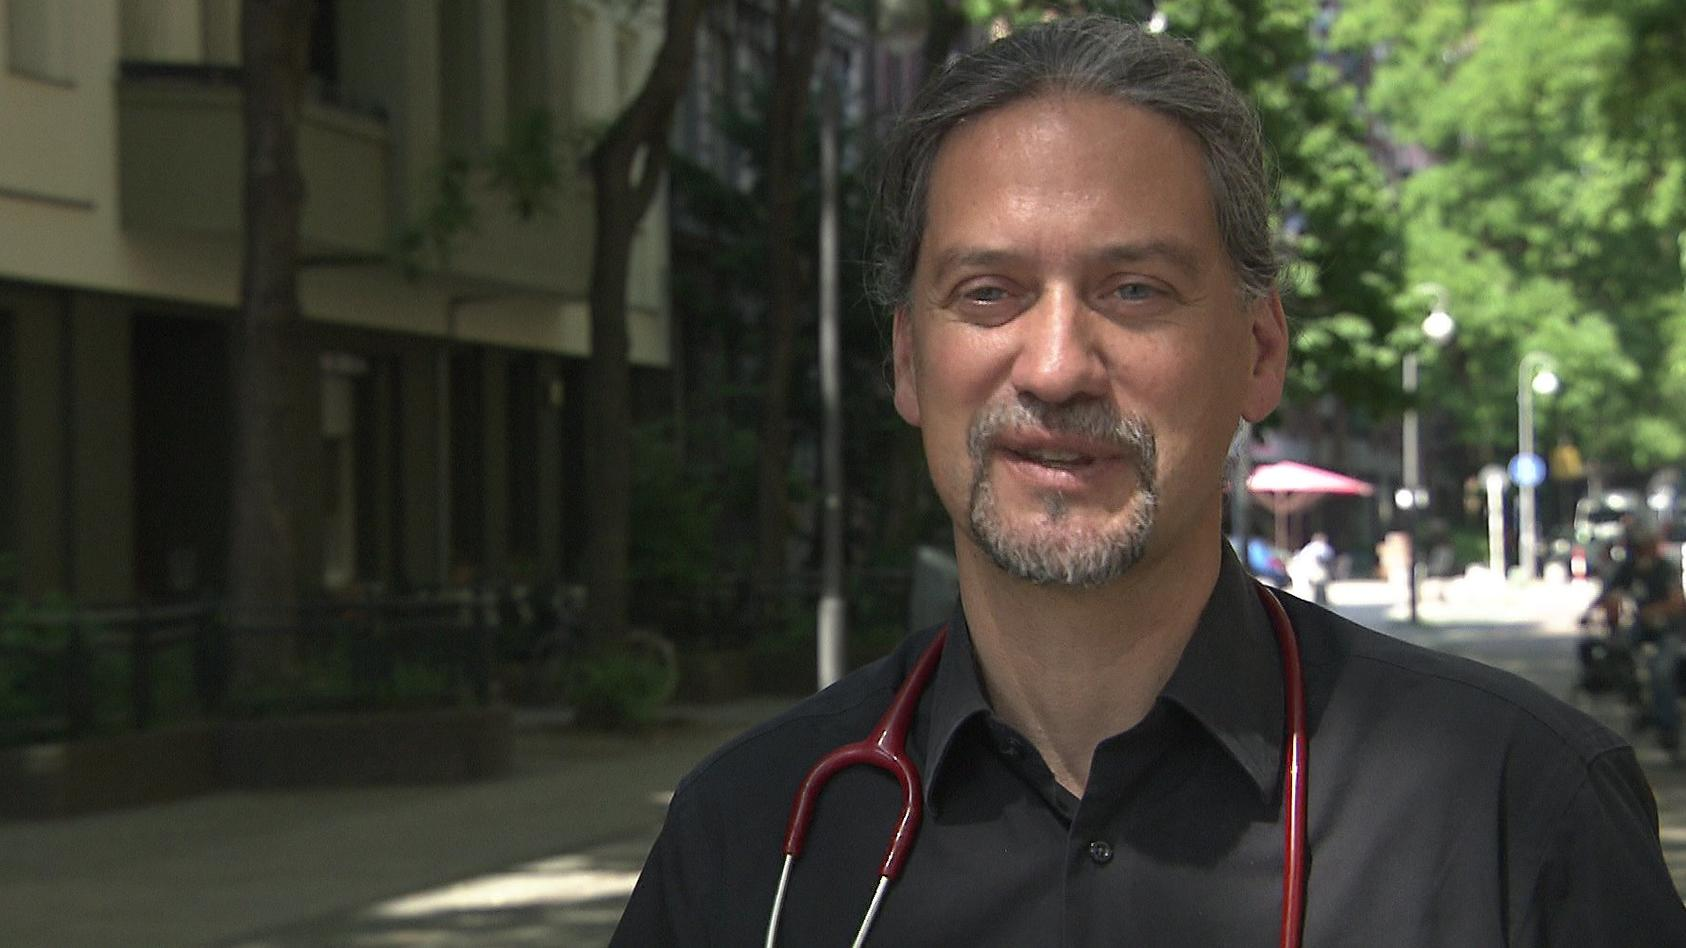 Dr. Jakob Maske glaubt nicht, dass die Corona-Impfung gesundheitliche Folgen für Emma (9) hat.